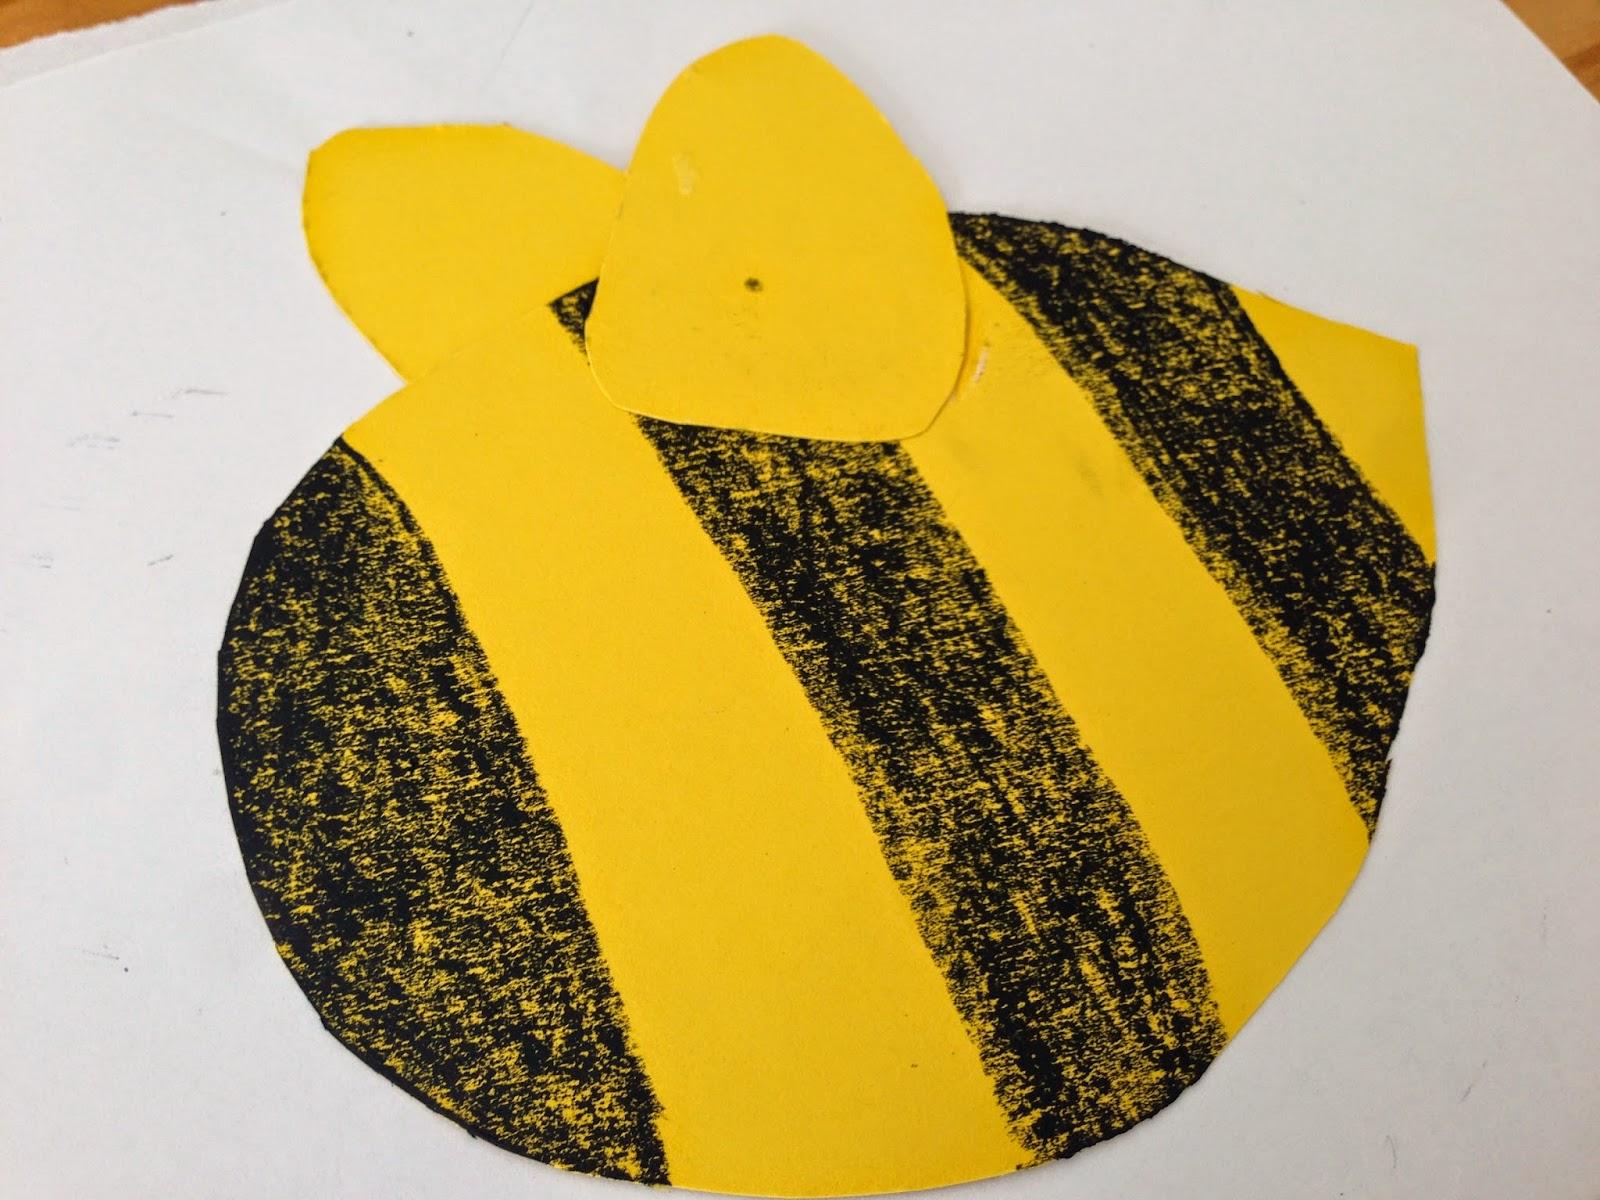 Der Bienenkörper.